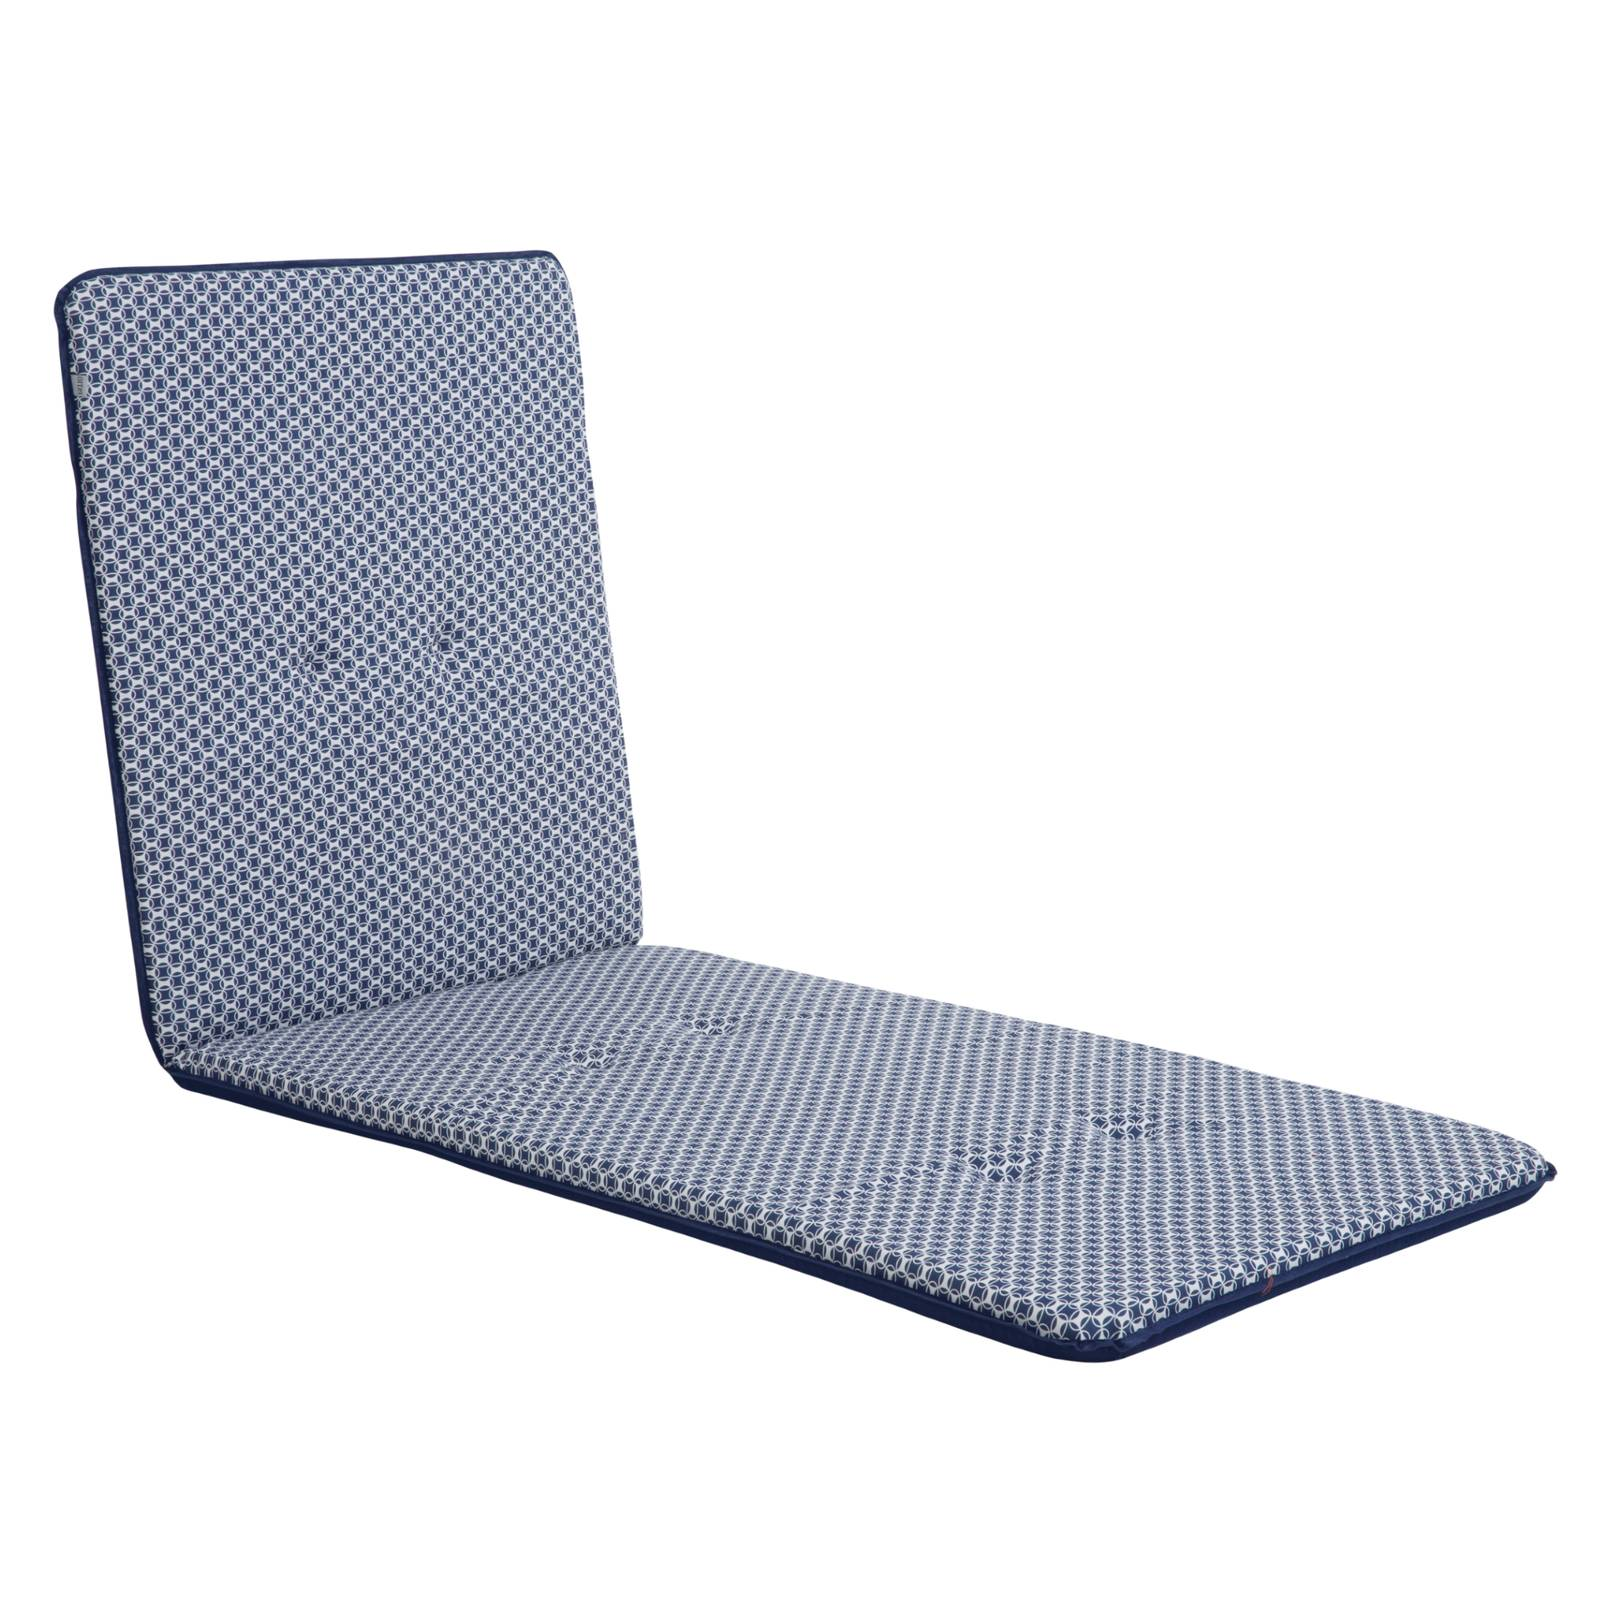 Poduszka dwustronna na leżak / łóżko Mona Liege 4 cm L110-01PB PATIO